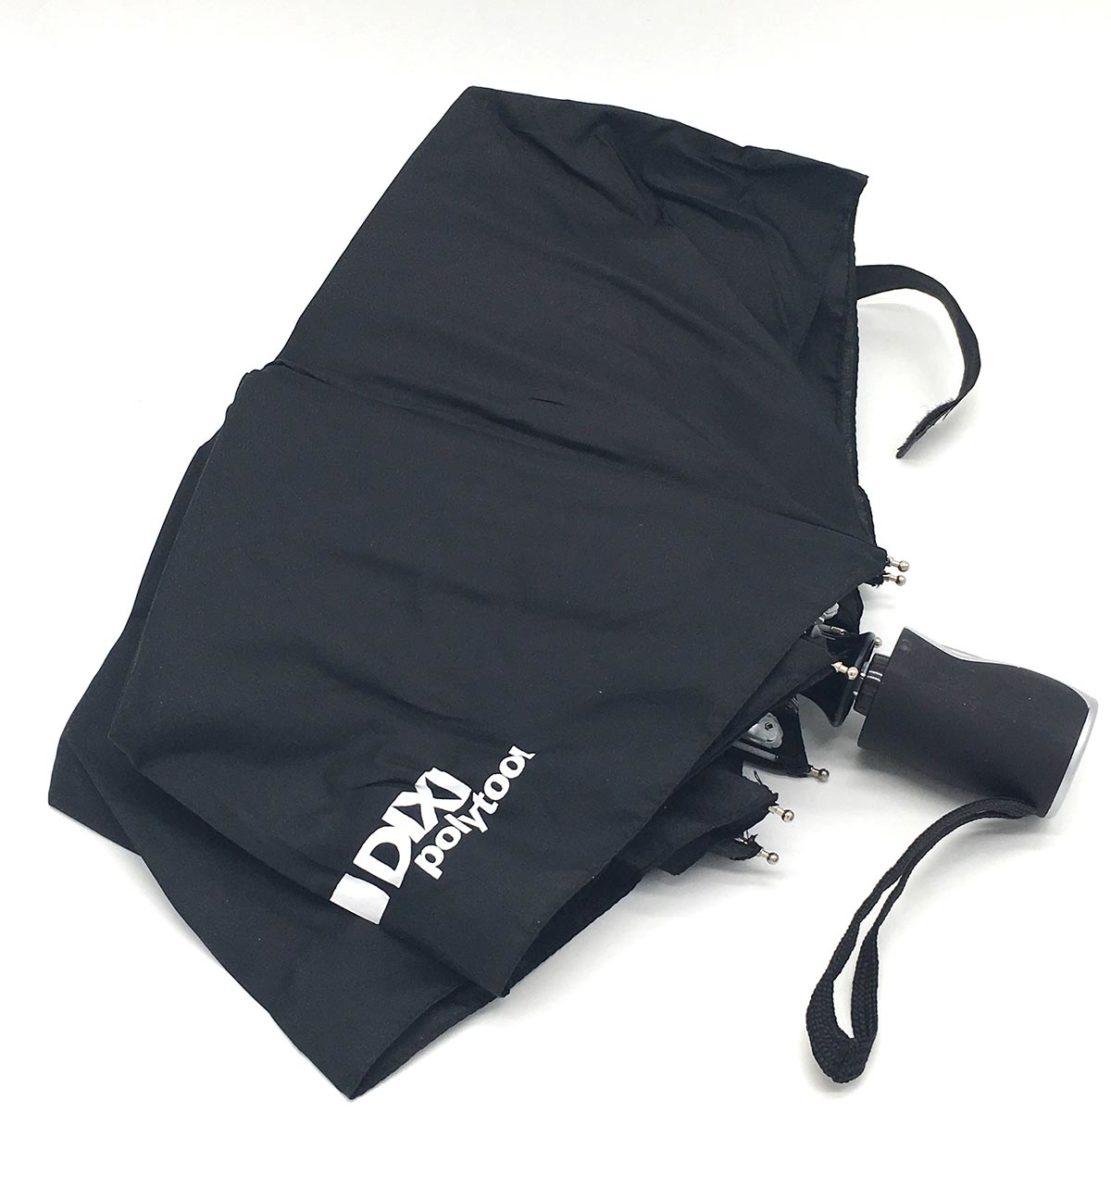 Parapluie Duomatic - Unilabs